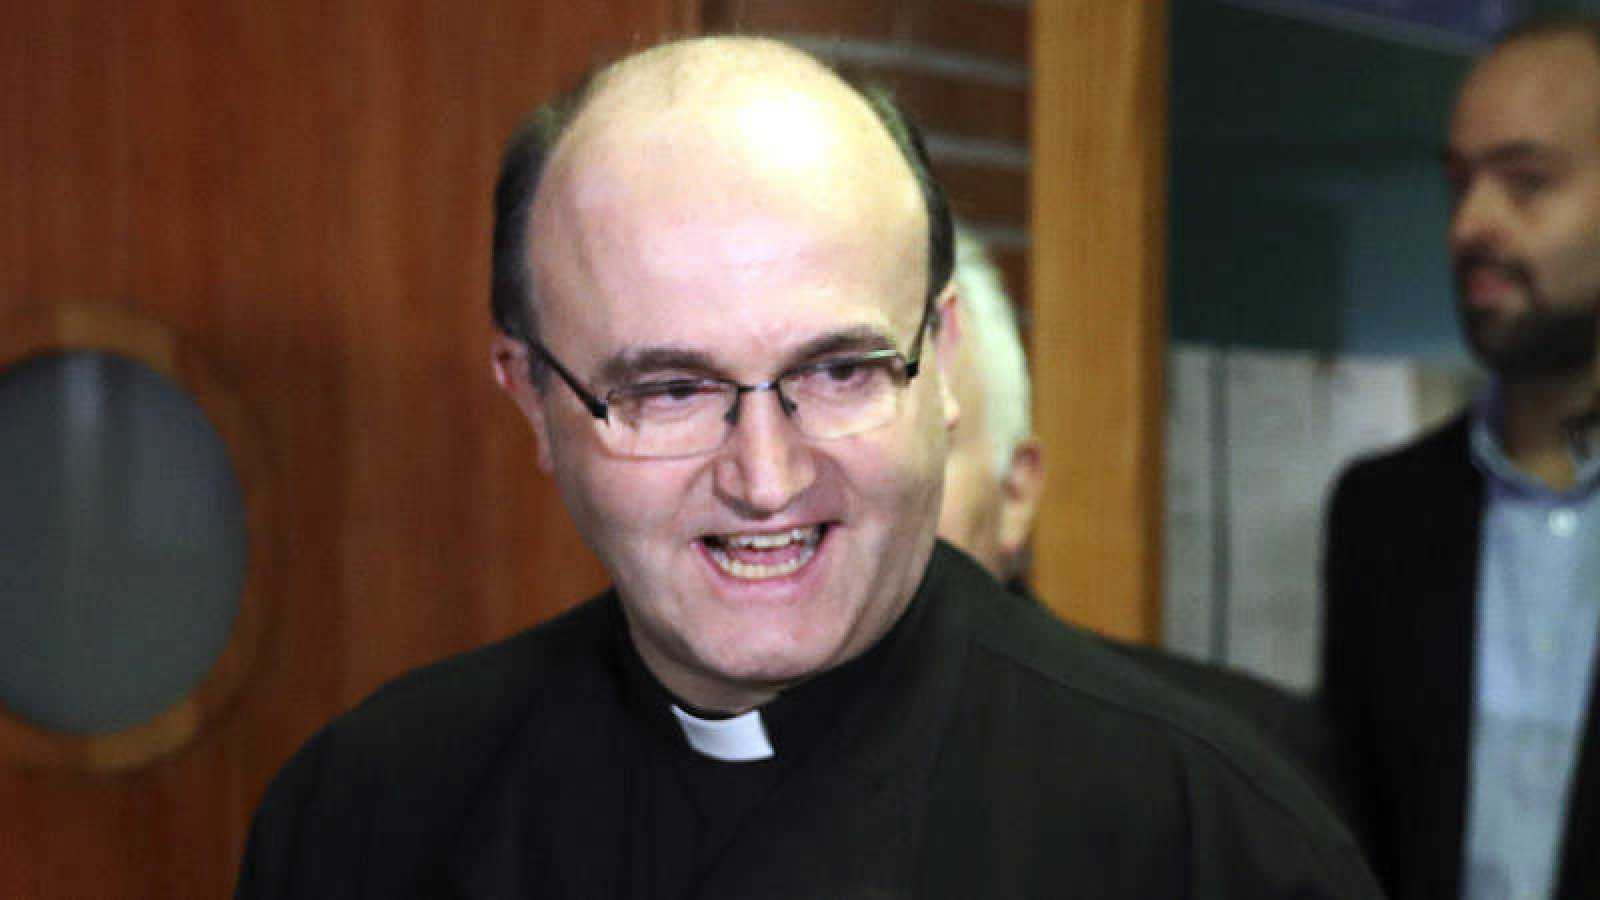 El obispo de San Sebastián, José Ignacio Munilla, fotografiado en Gipúzkoa